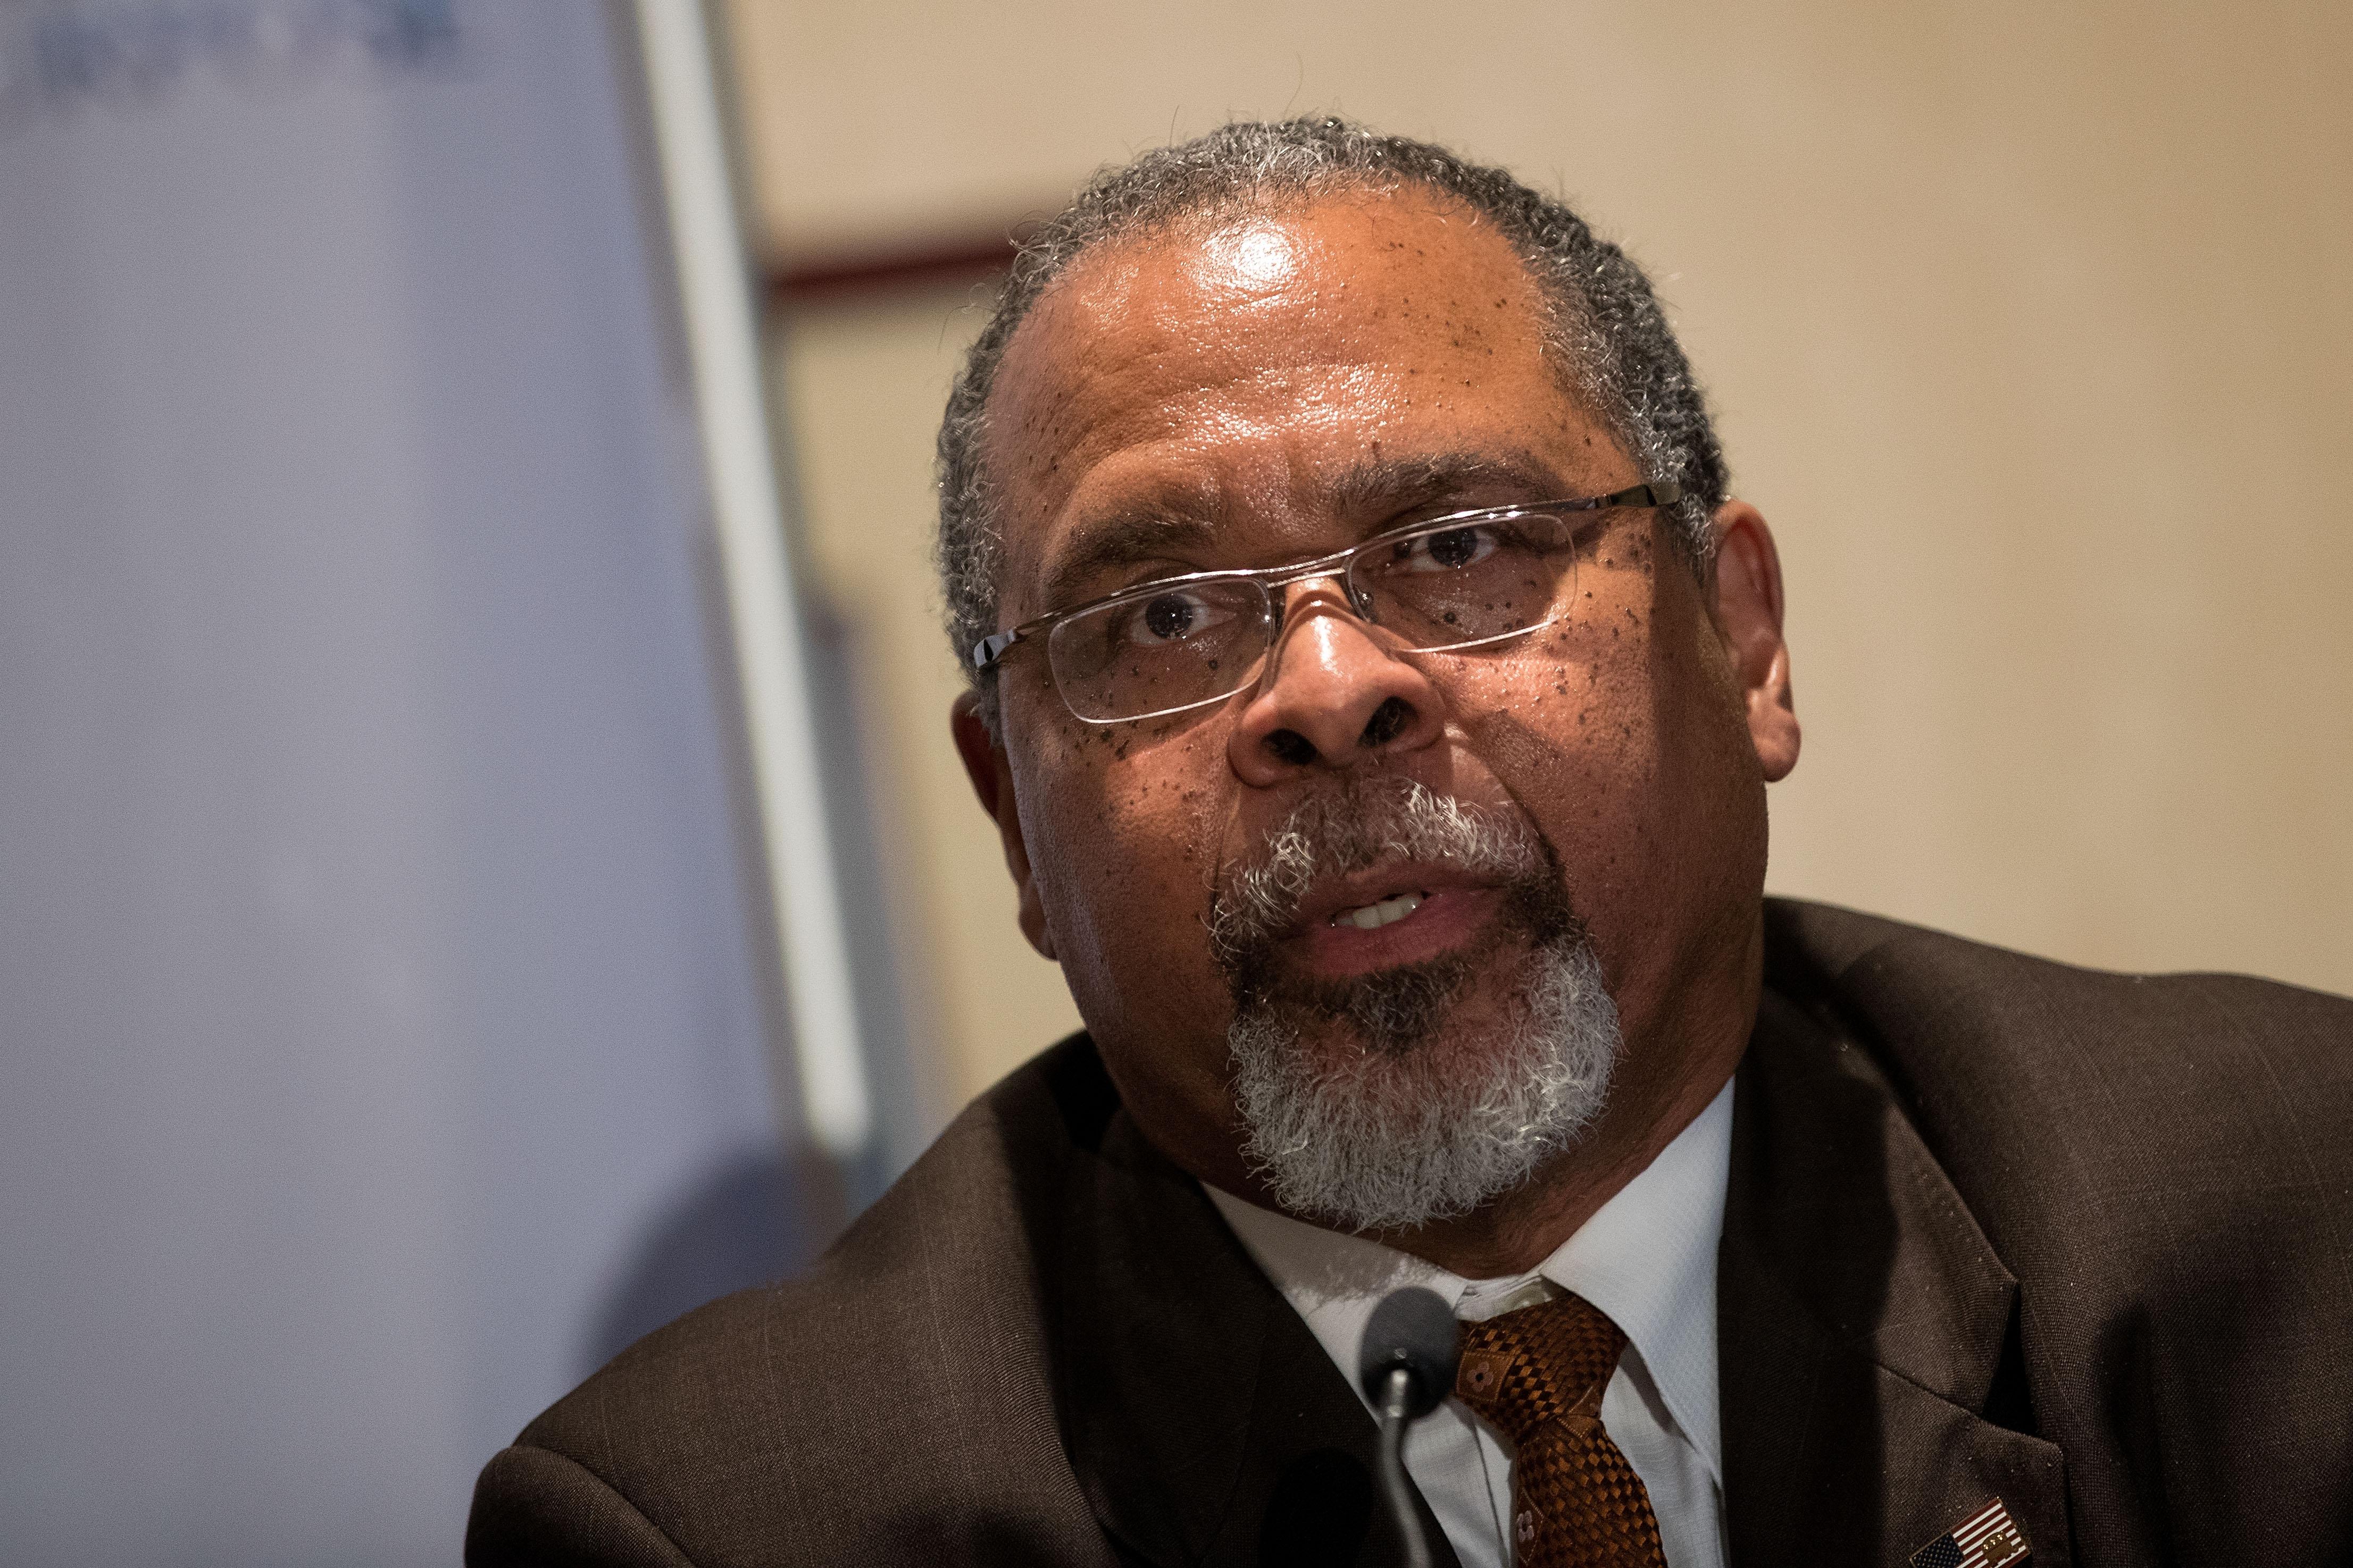 選舉專家:左派法官竊權 州議會應收回權力